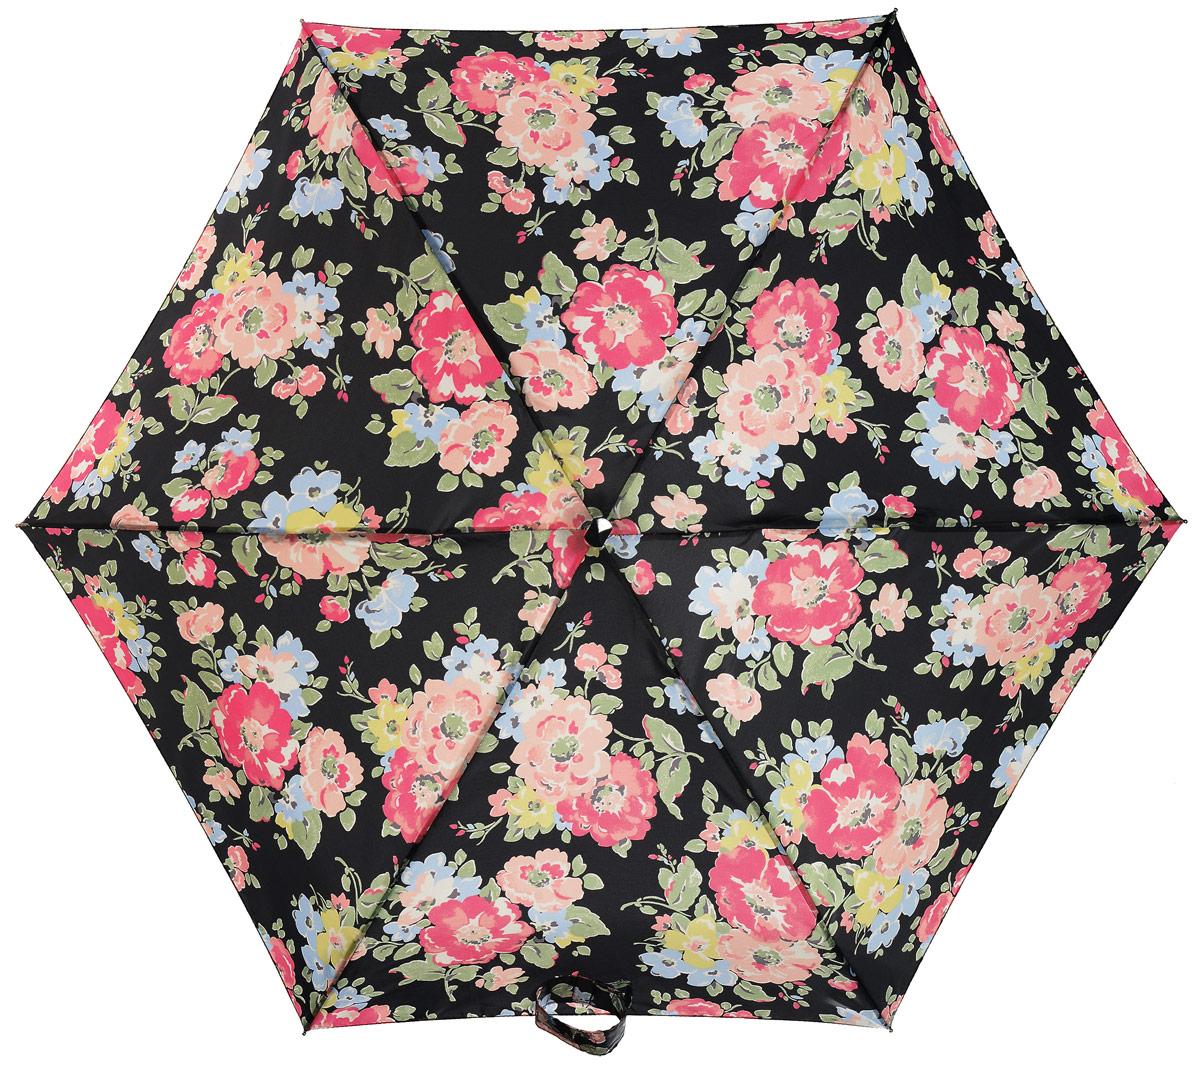 Зонт женский механика Cath Kidston Fulton, расцветка: расцветкаы. L521-3134 Summer BloomL521-3134 SummerBloomПрочный, необыкновенно компактный зонт, который с легкостью поместится в маленькую сумочку. Удобный плоский чехол. Облегченный алюминиевый каркас с элементами из фибергласса. Ветроустойчивая конструкция. Размеры зонта в сложенном виде 15смх6смх3см, диаметр купола 87 см.